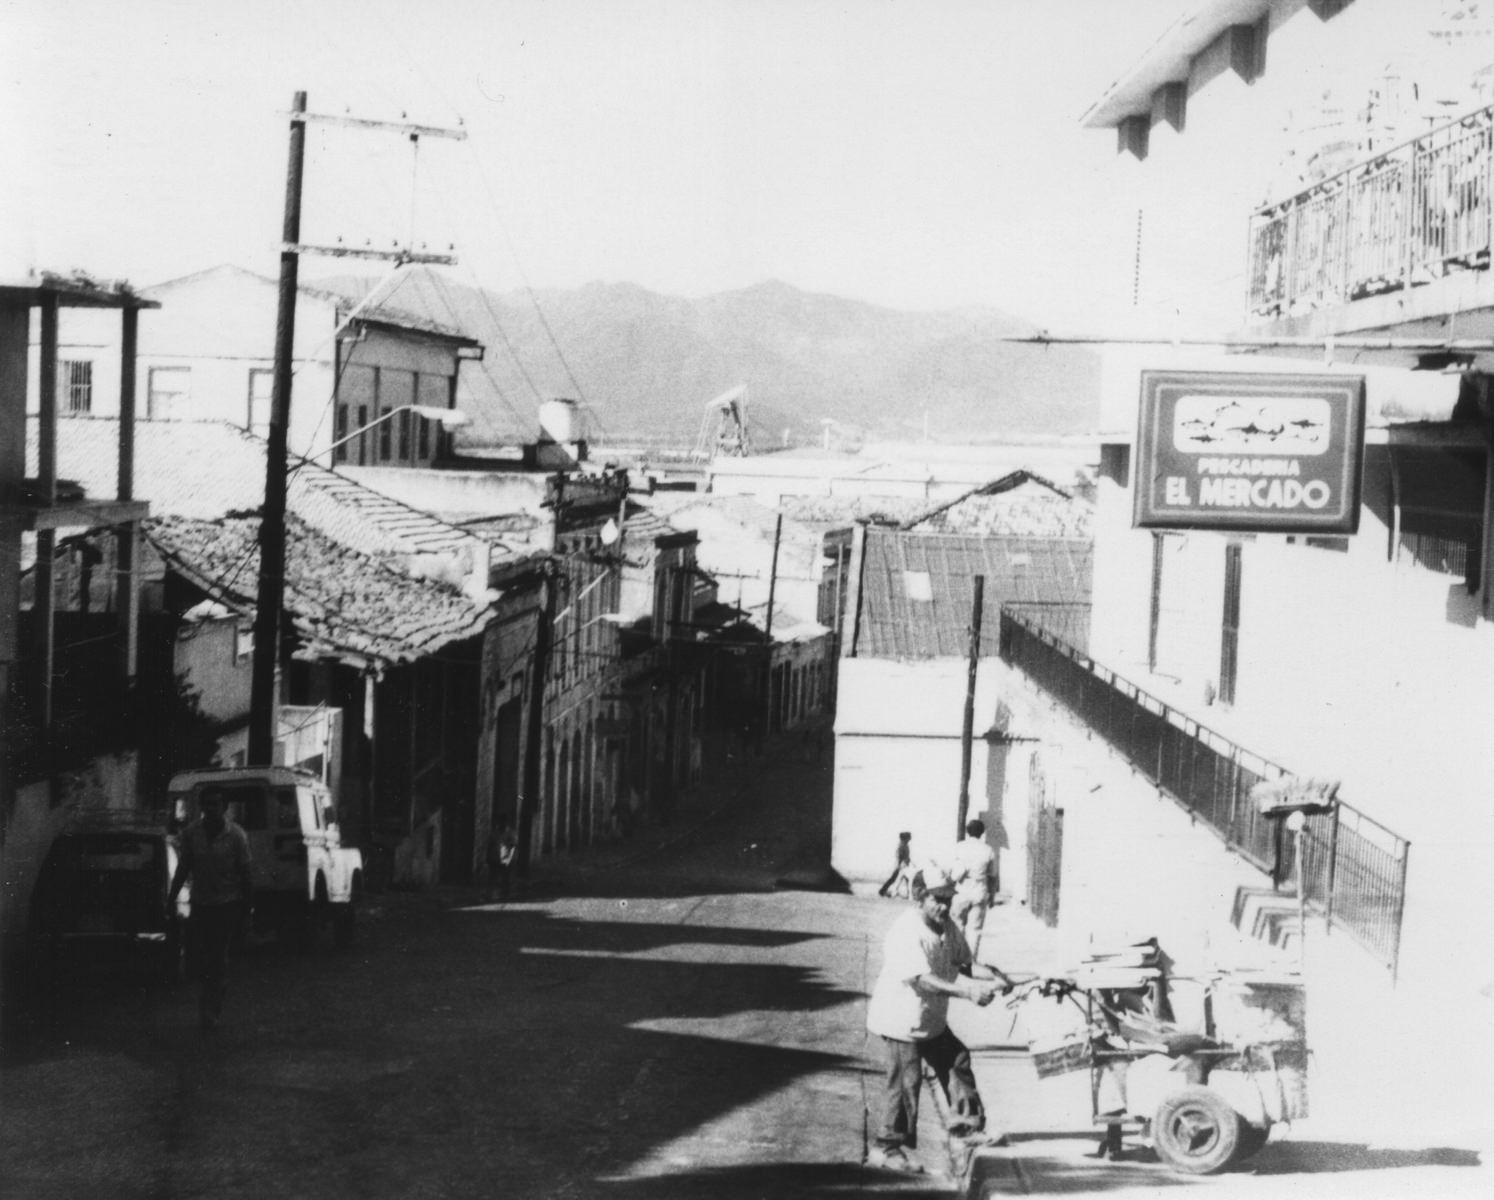 Сантьяго-де-Куба. 1987. Одна из улочек.